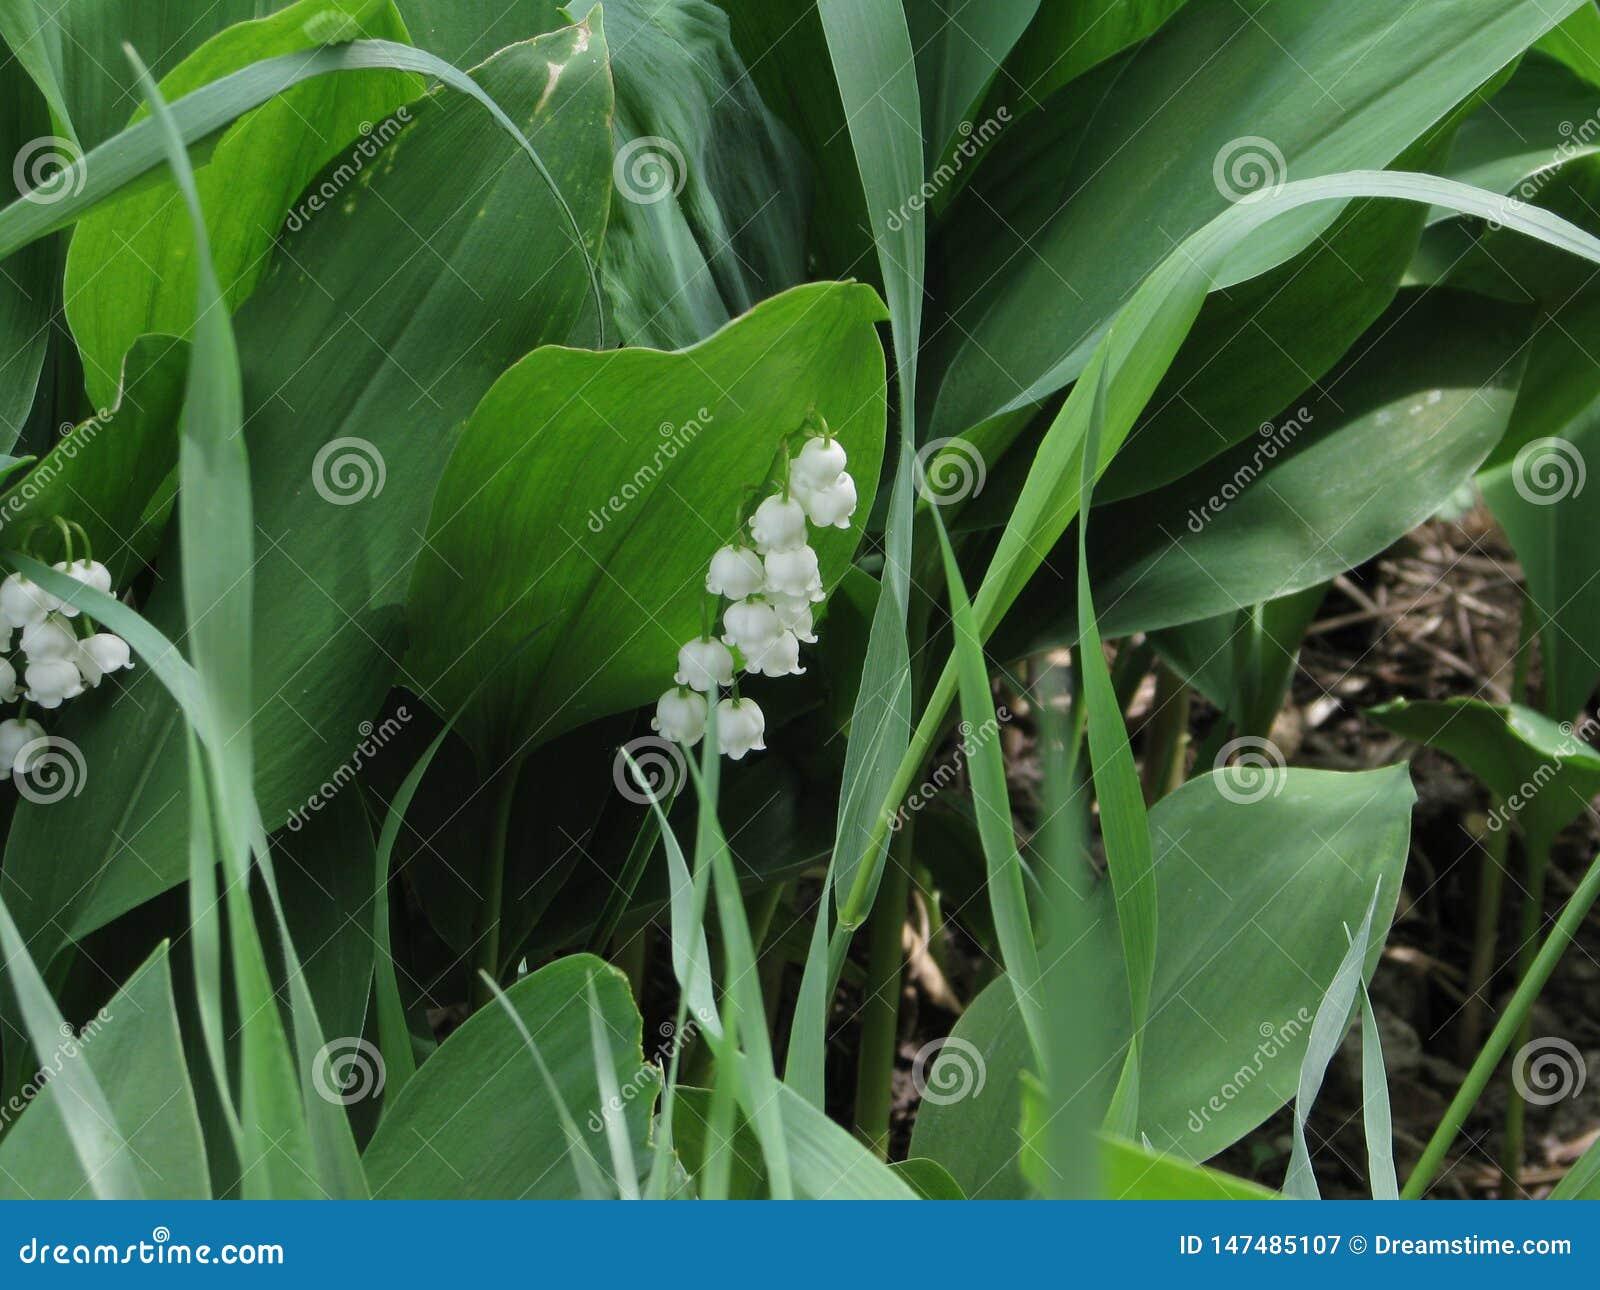 Überraschende Schönheit dieser Blume - Maiglöckchen